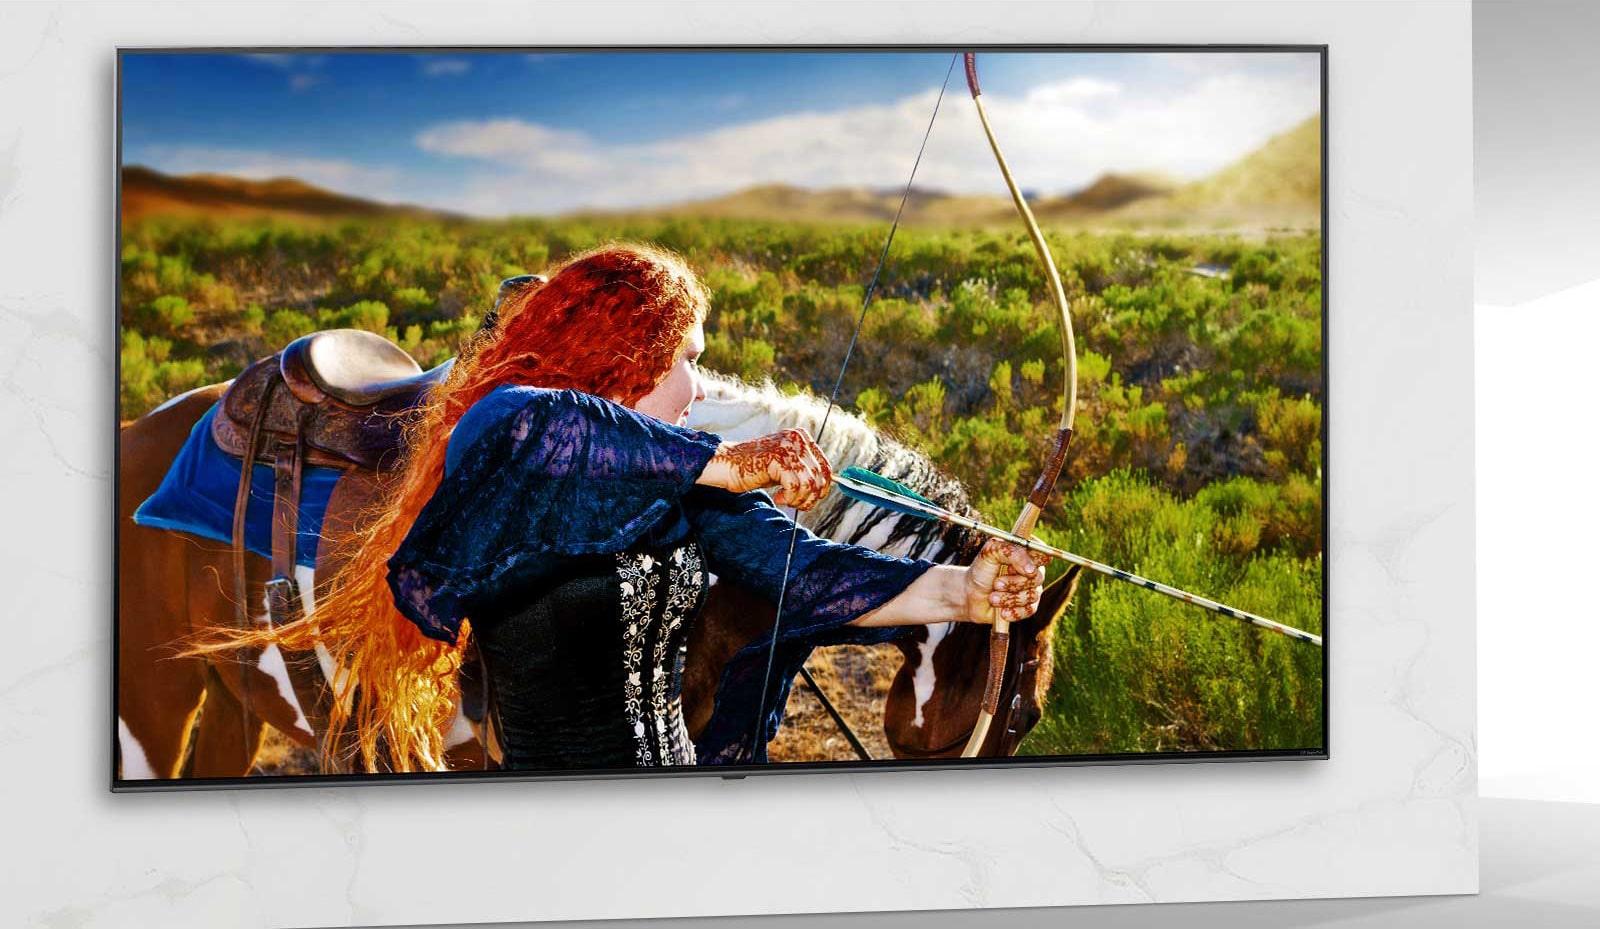 TV-NanoCell-4K-07-2-Cinema-Desktop.jpg (1600×929)